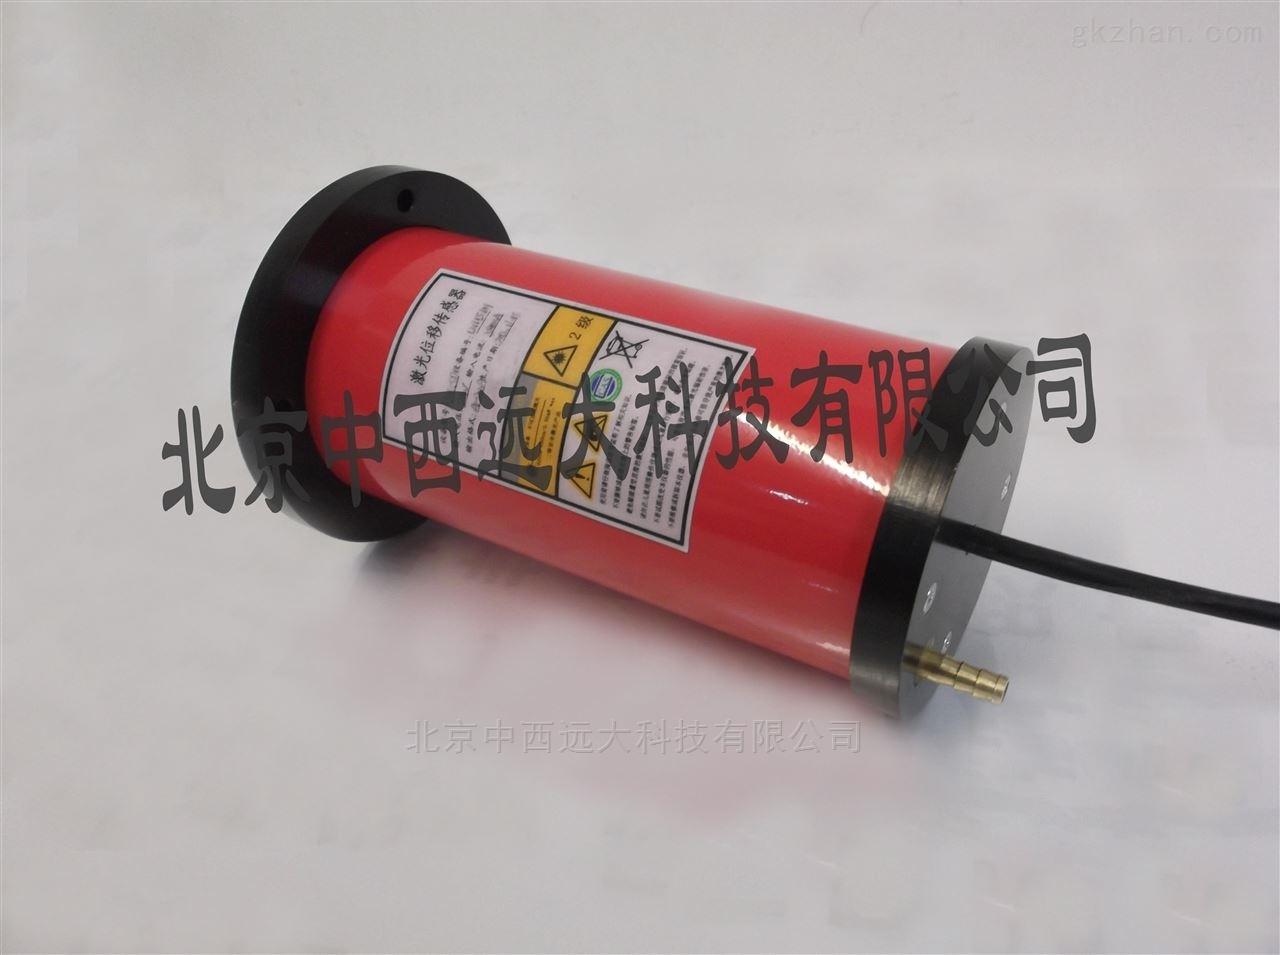 中西激光位移传感器型号:FX06-M346113